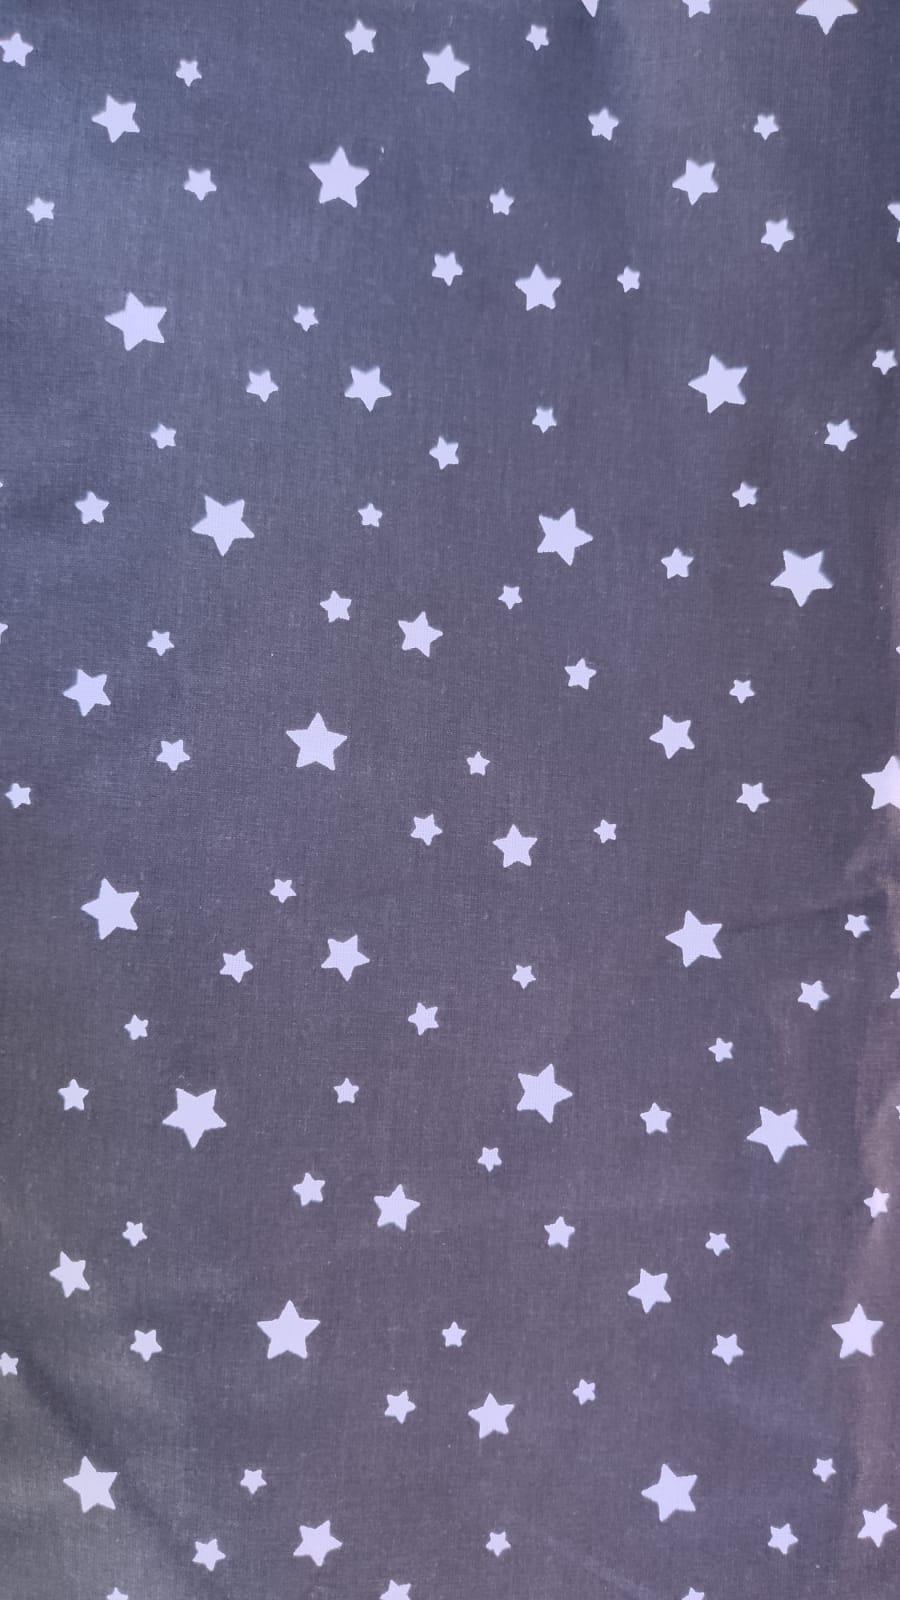 estrellas negro